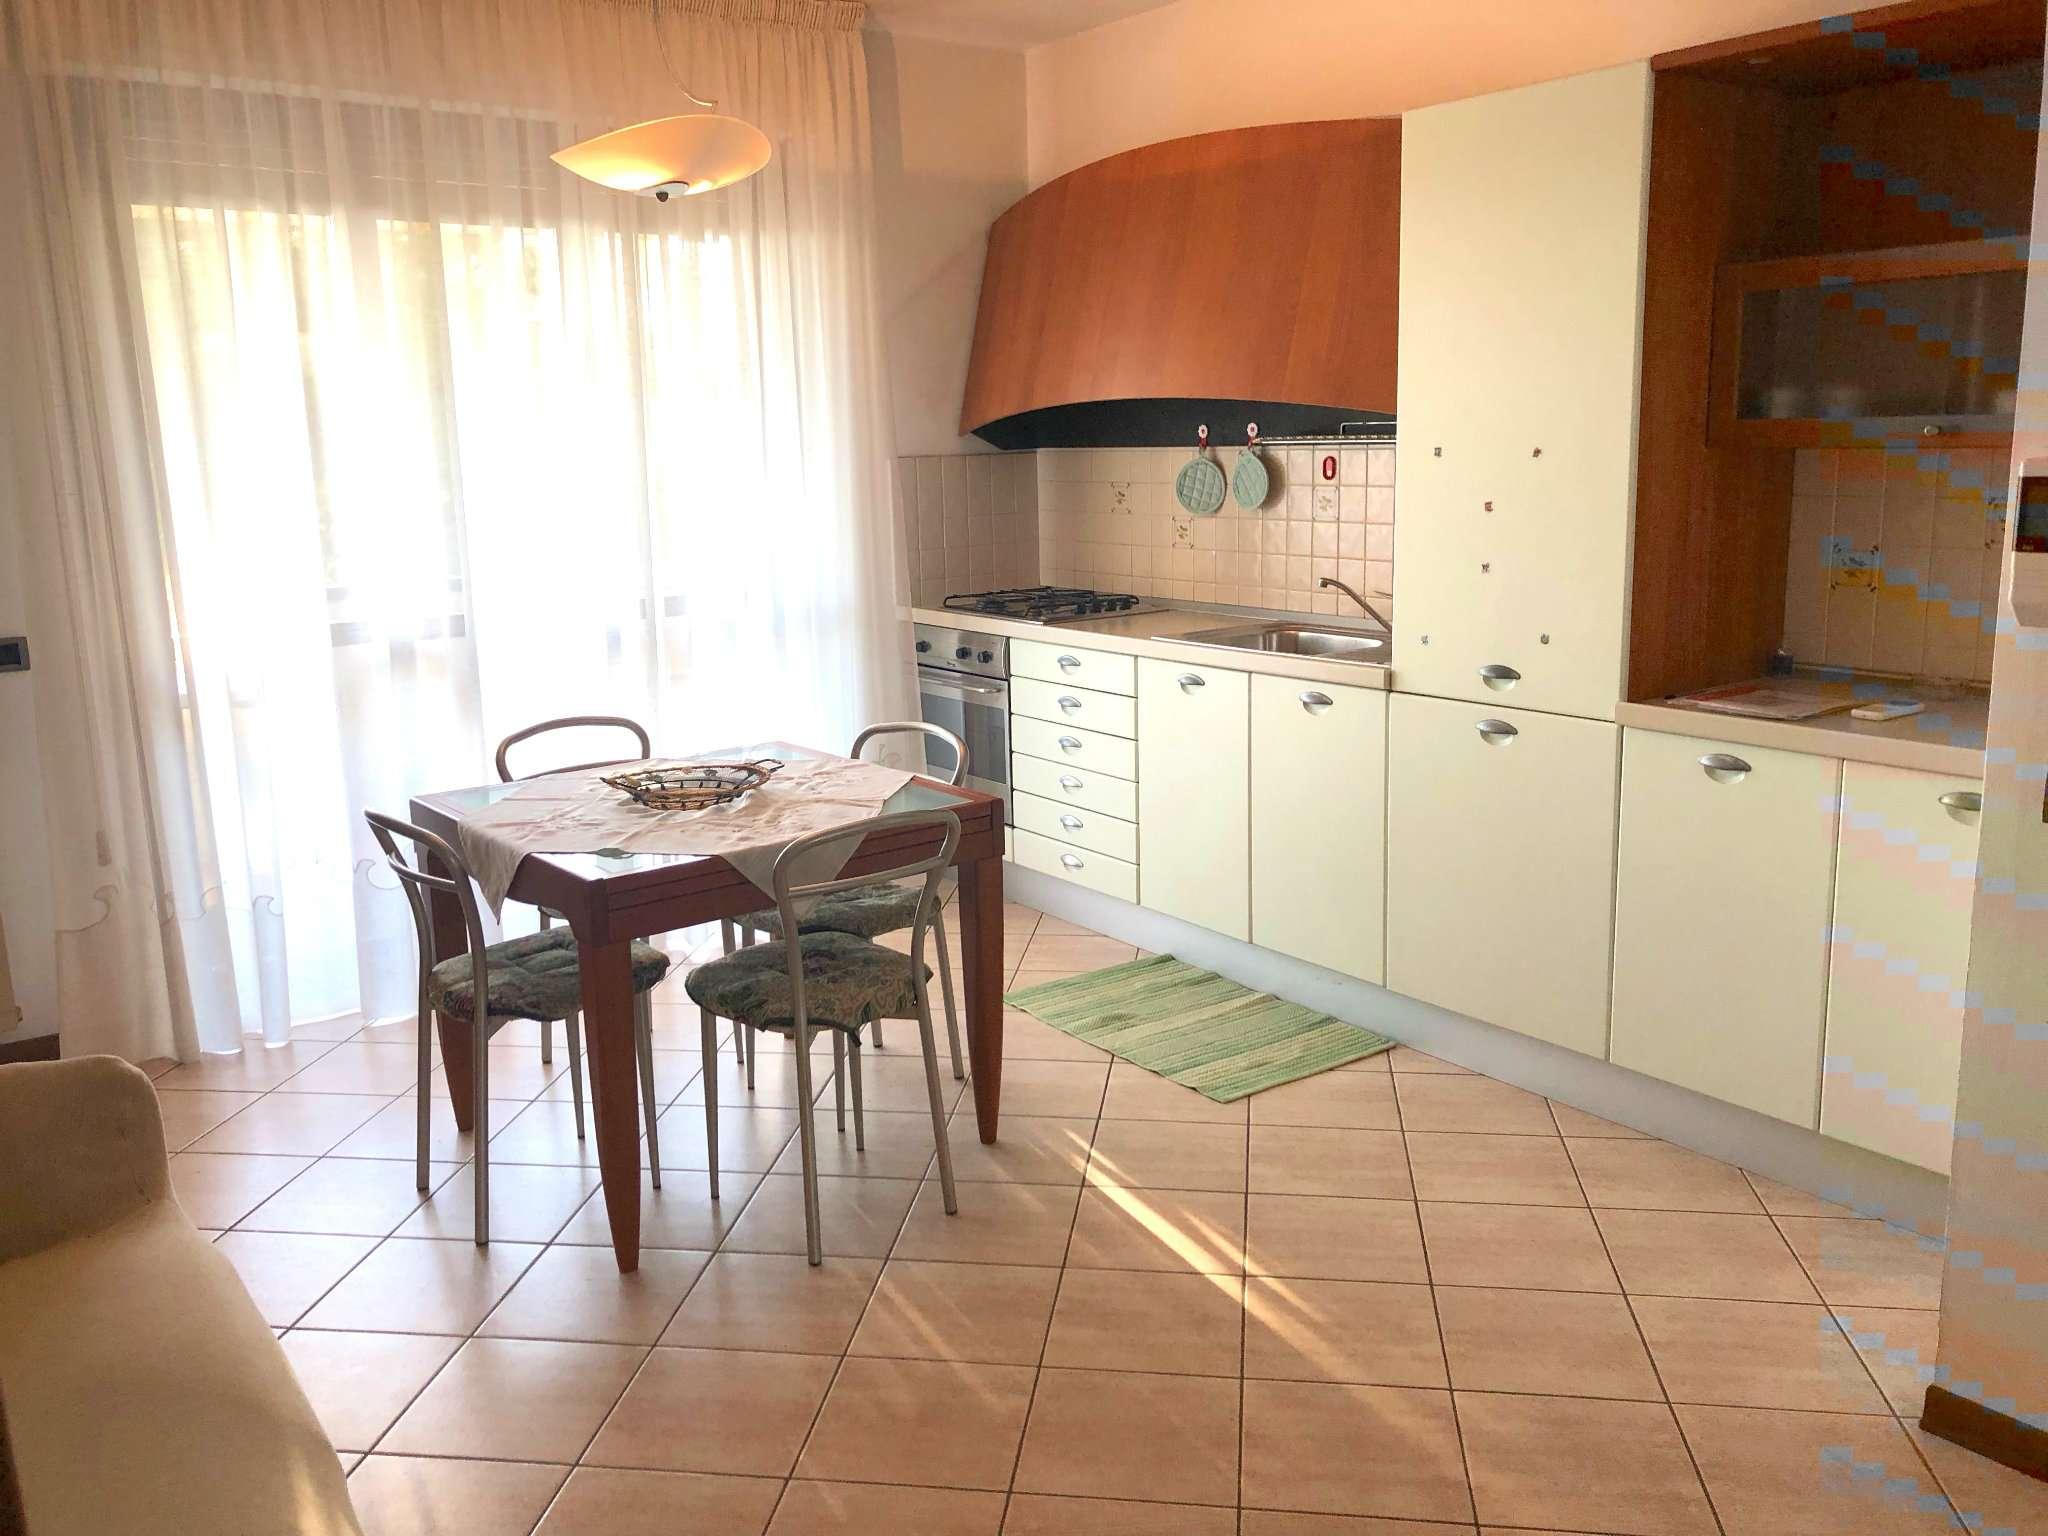 Appartamento in affitto a Prato Nord di vani 2 arredato